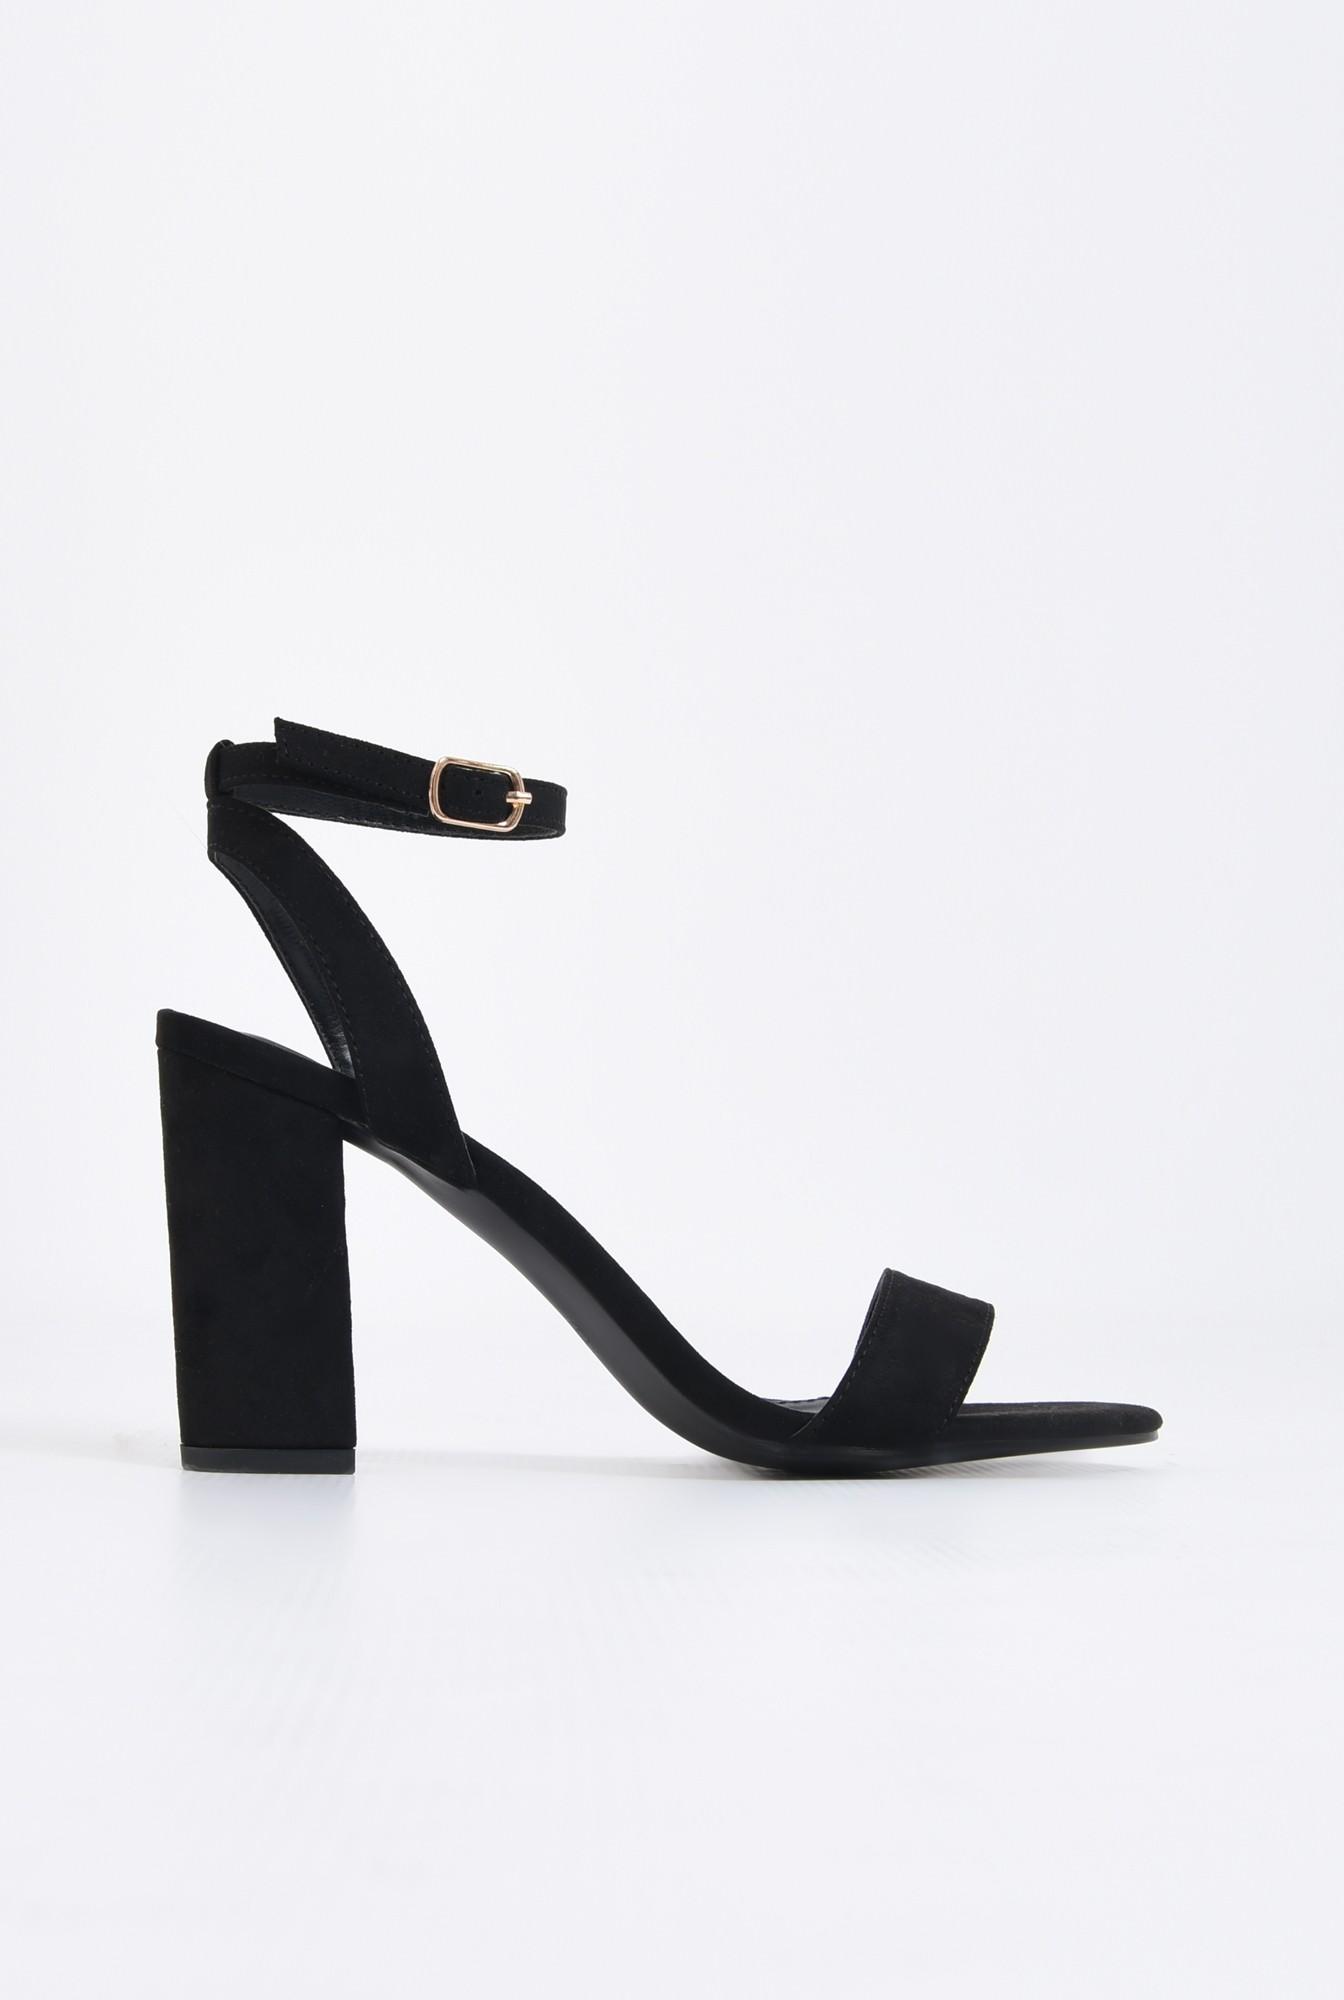 0 - sandale elegante, negre, din catifea, toc gros